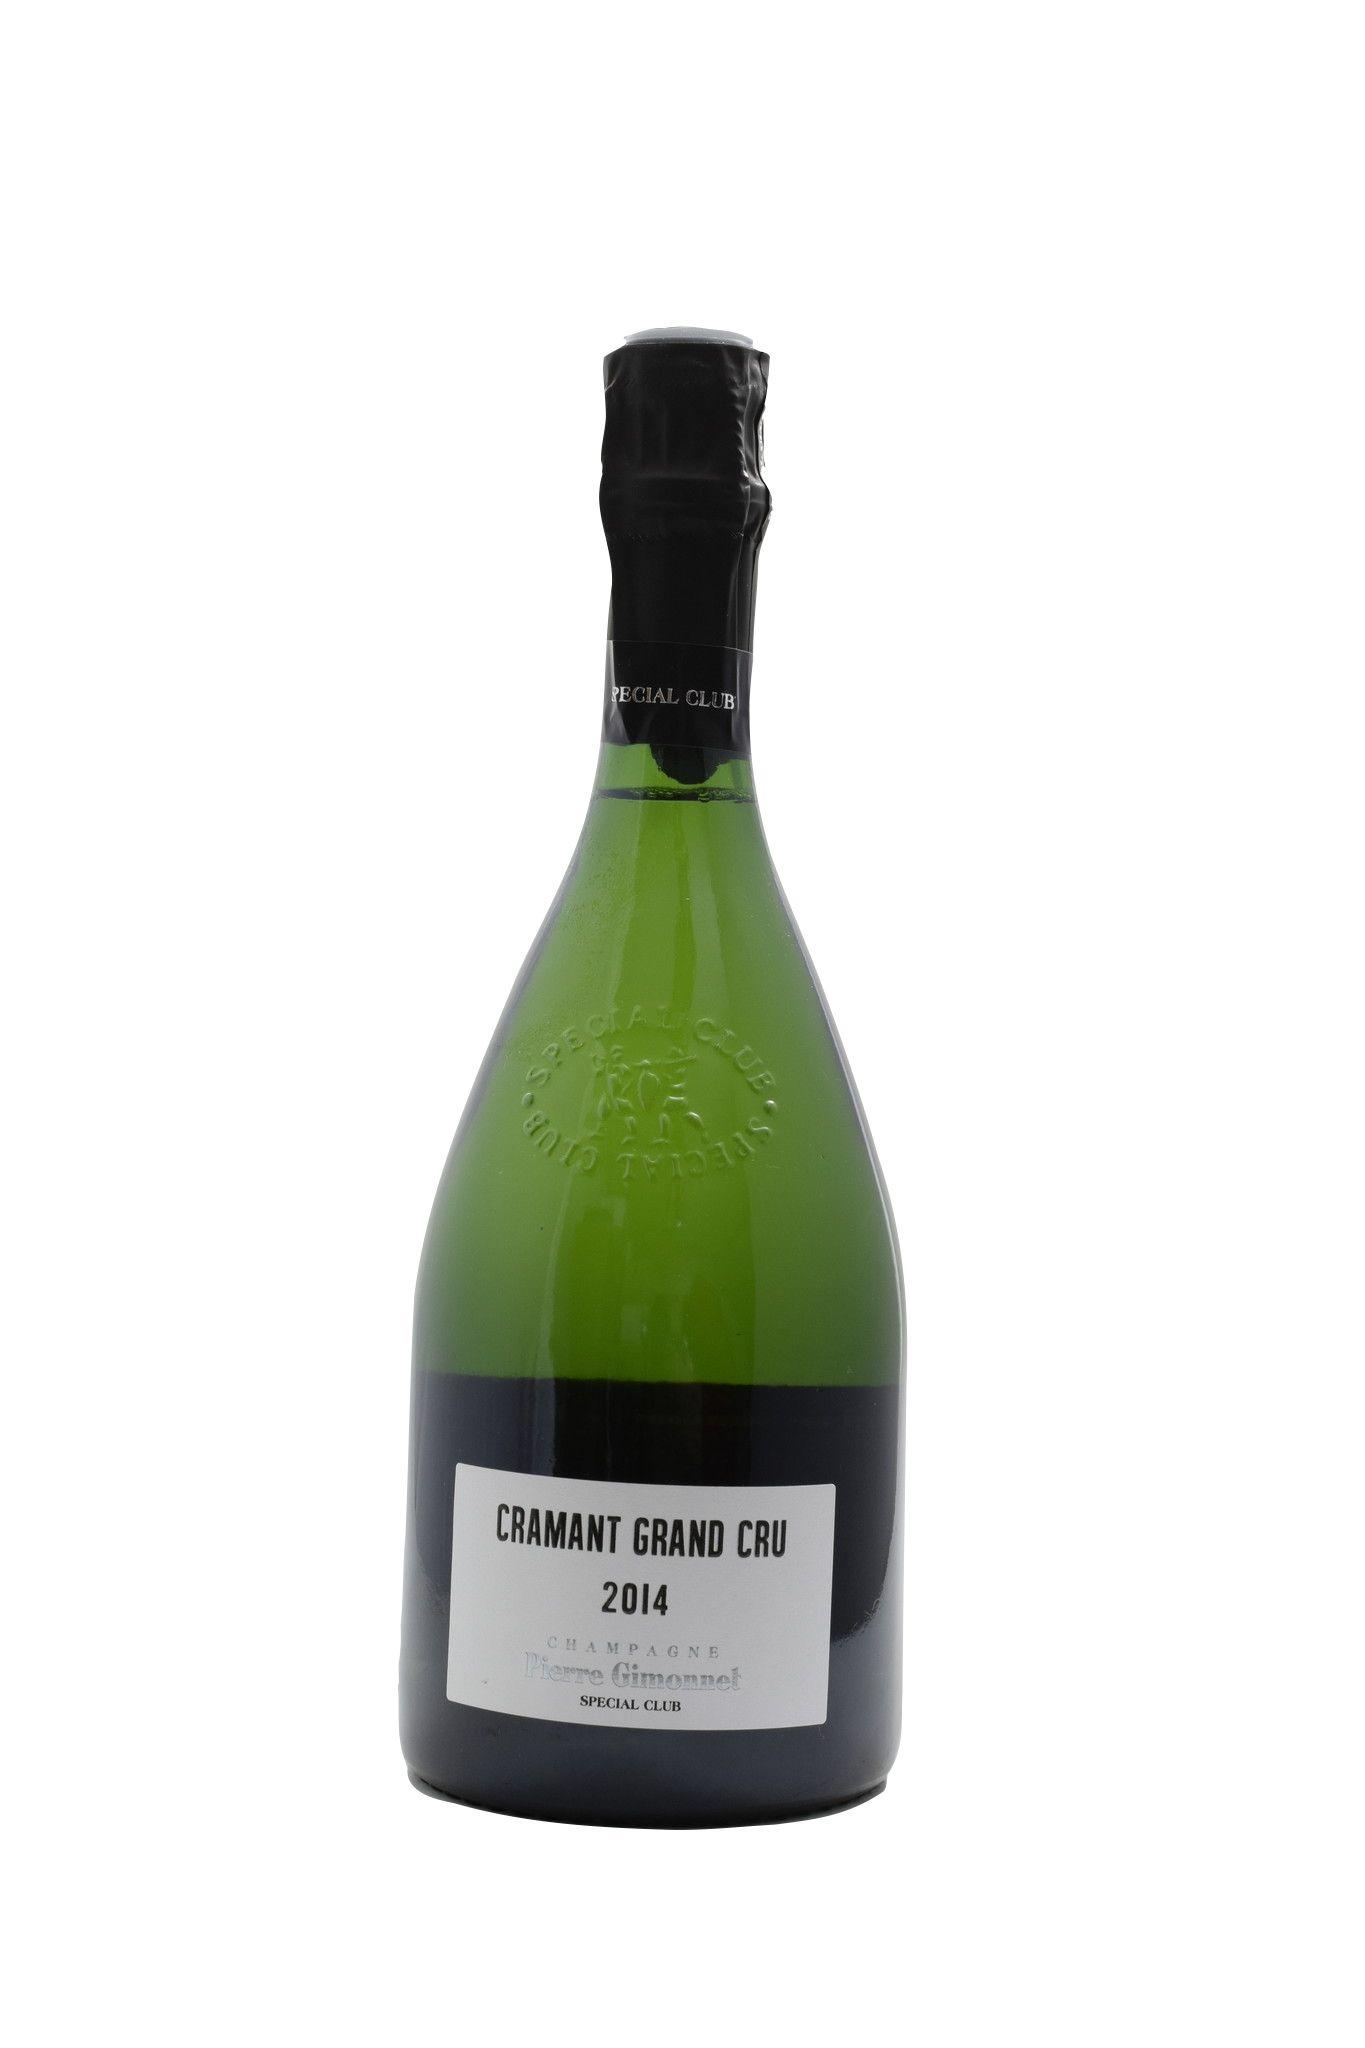 Special Club Cramant Grand Cru-1